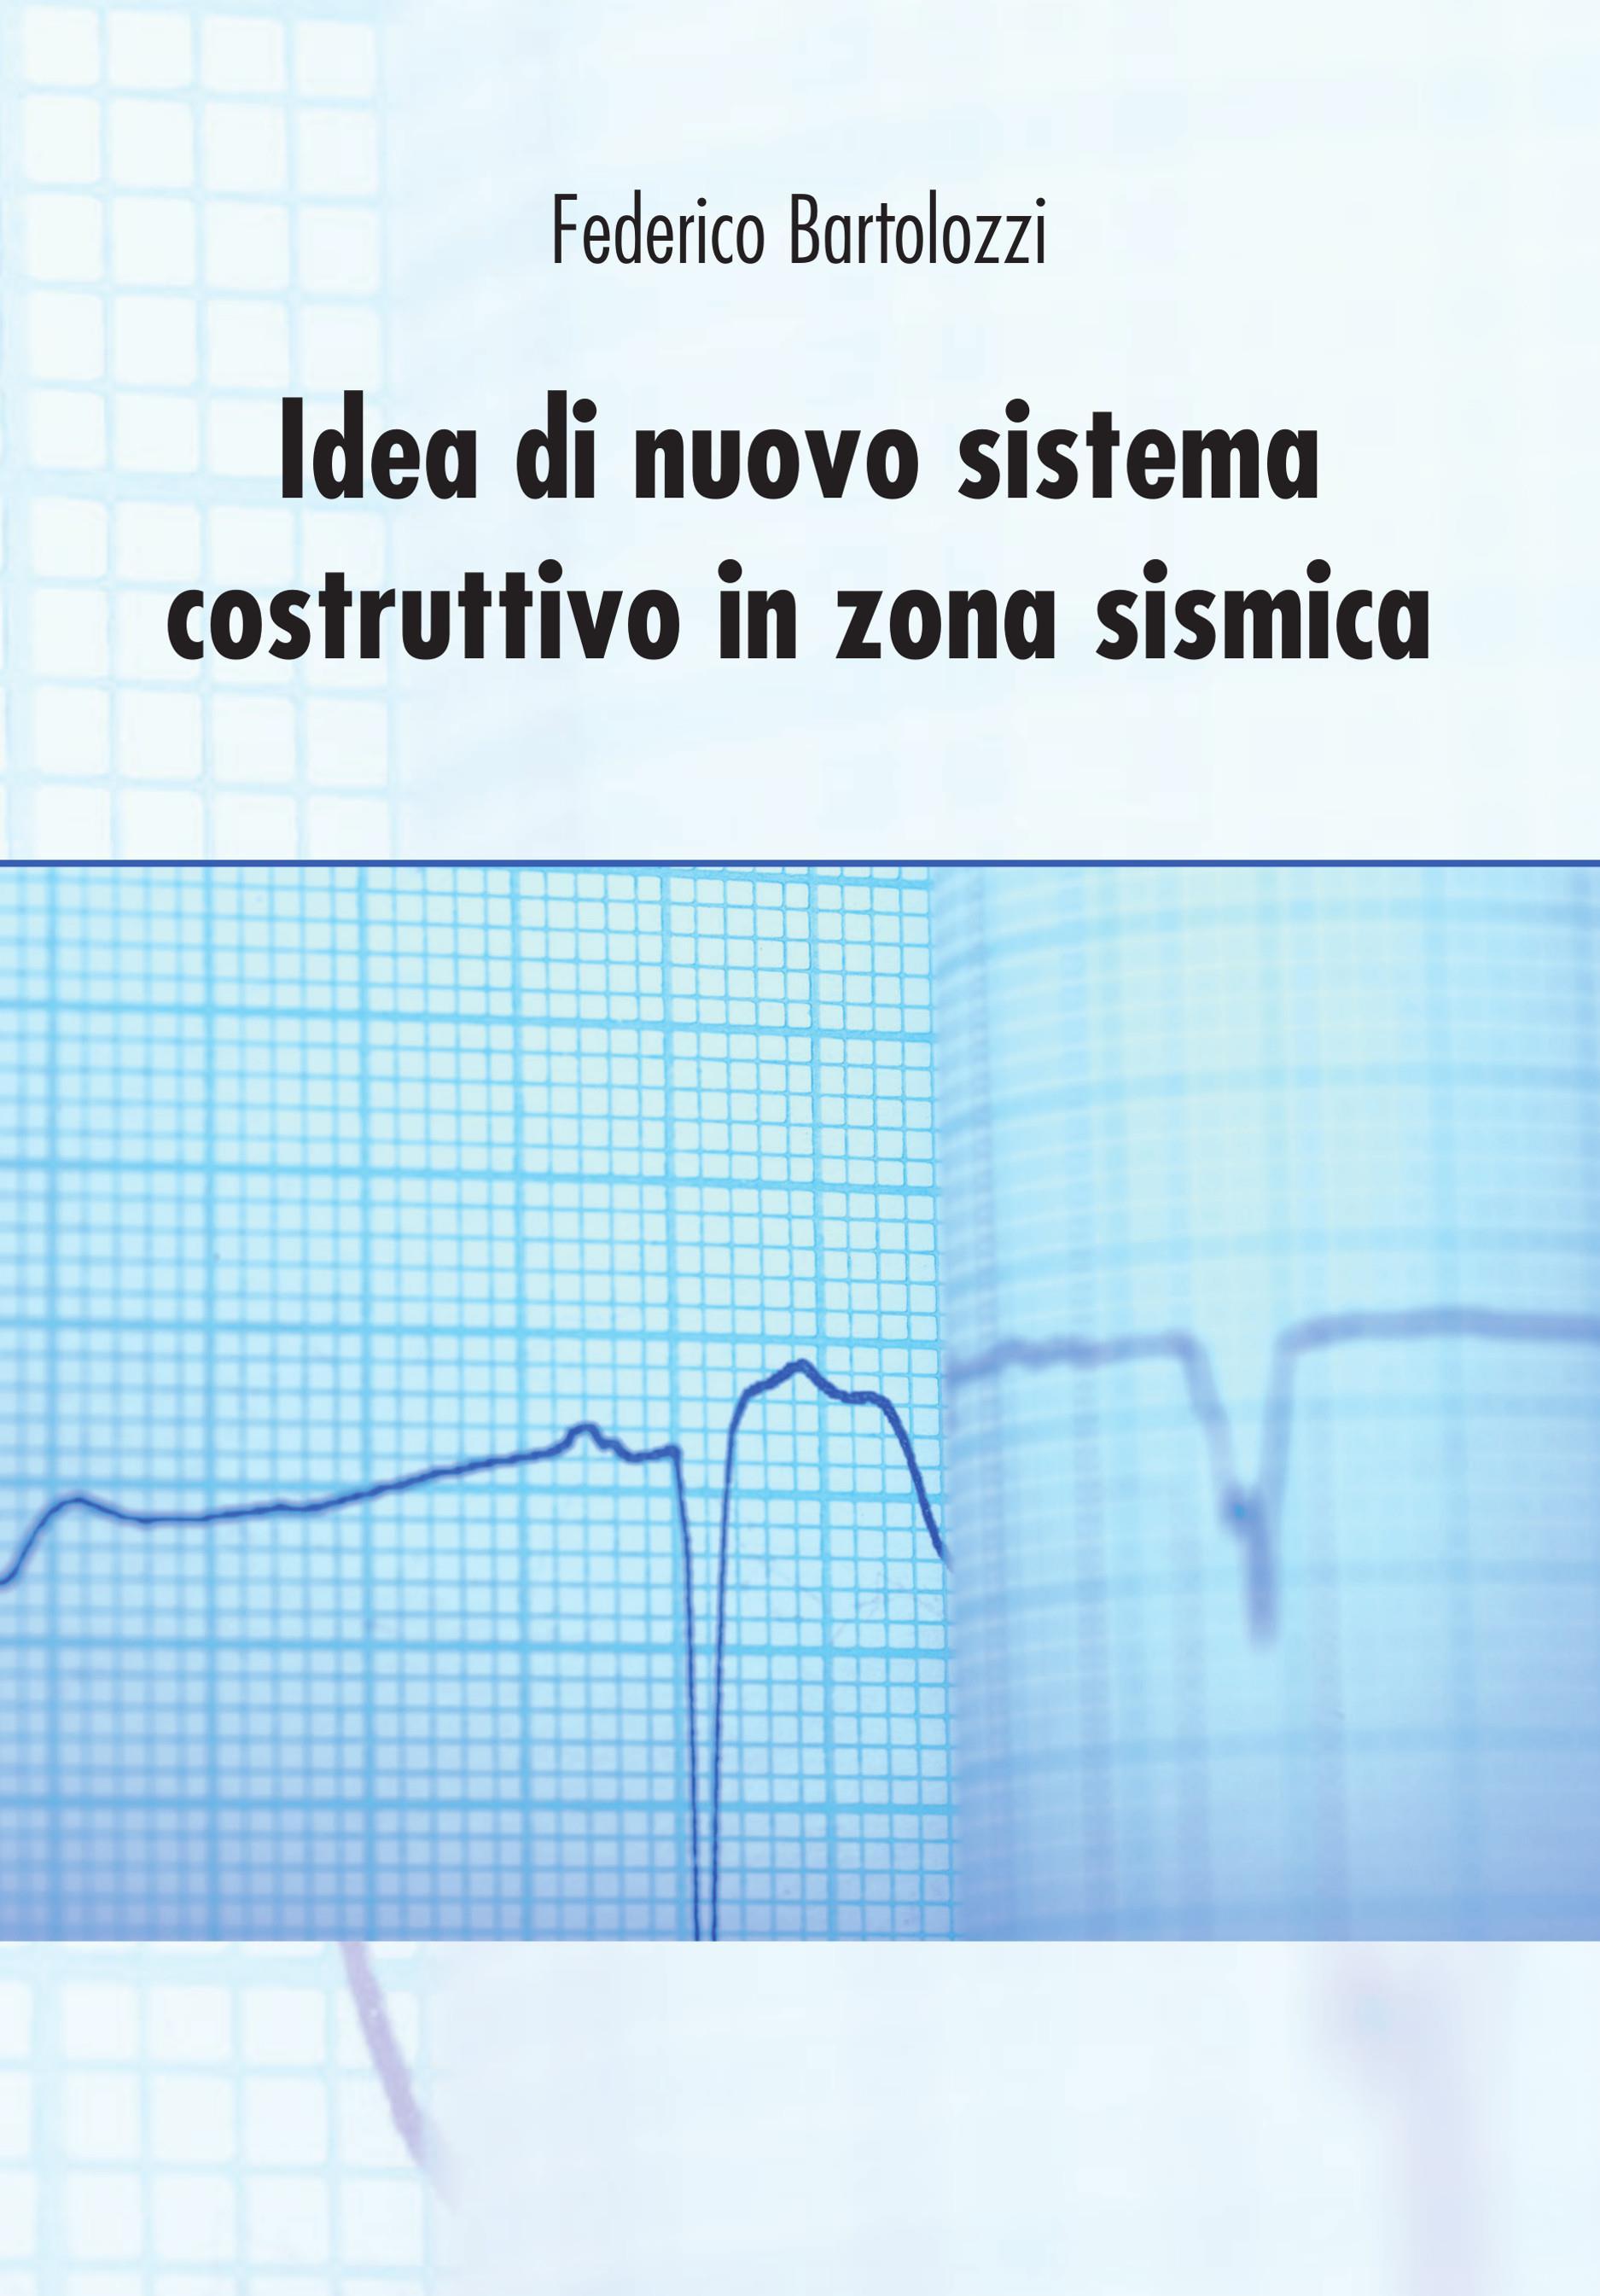 Idea di nuovo sistema costruttivo in zona sismica